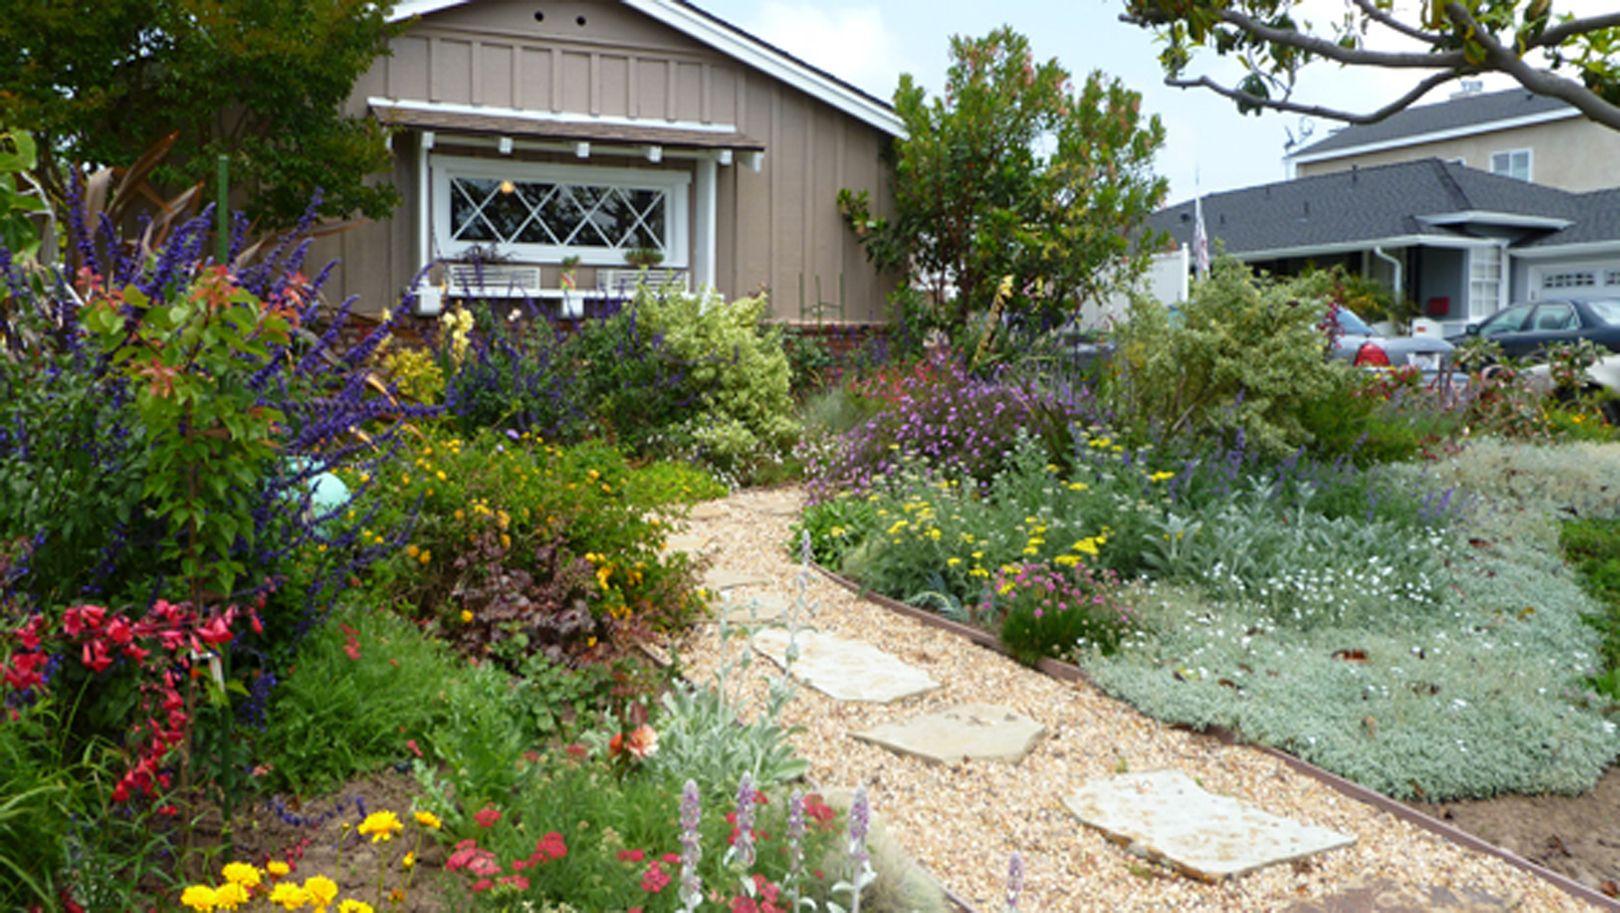 No grass front yard! | My Work: Botanica Landscape ...